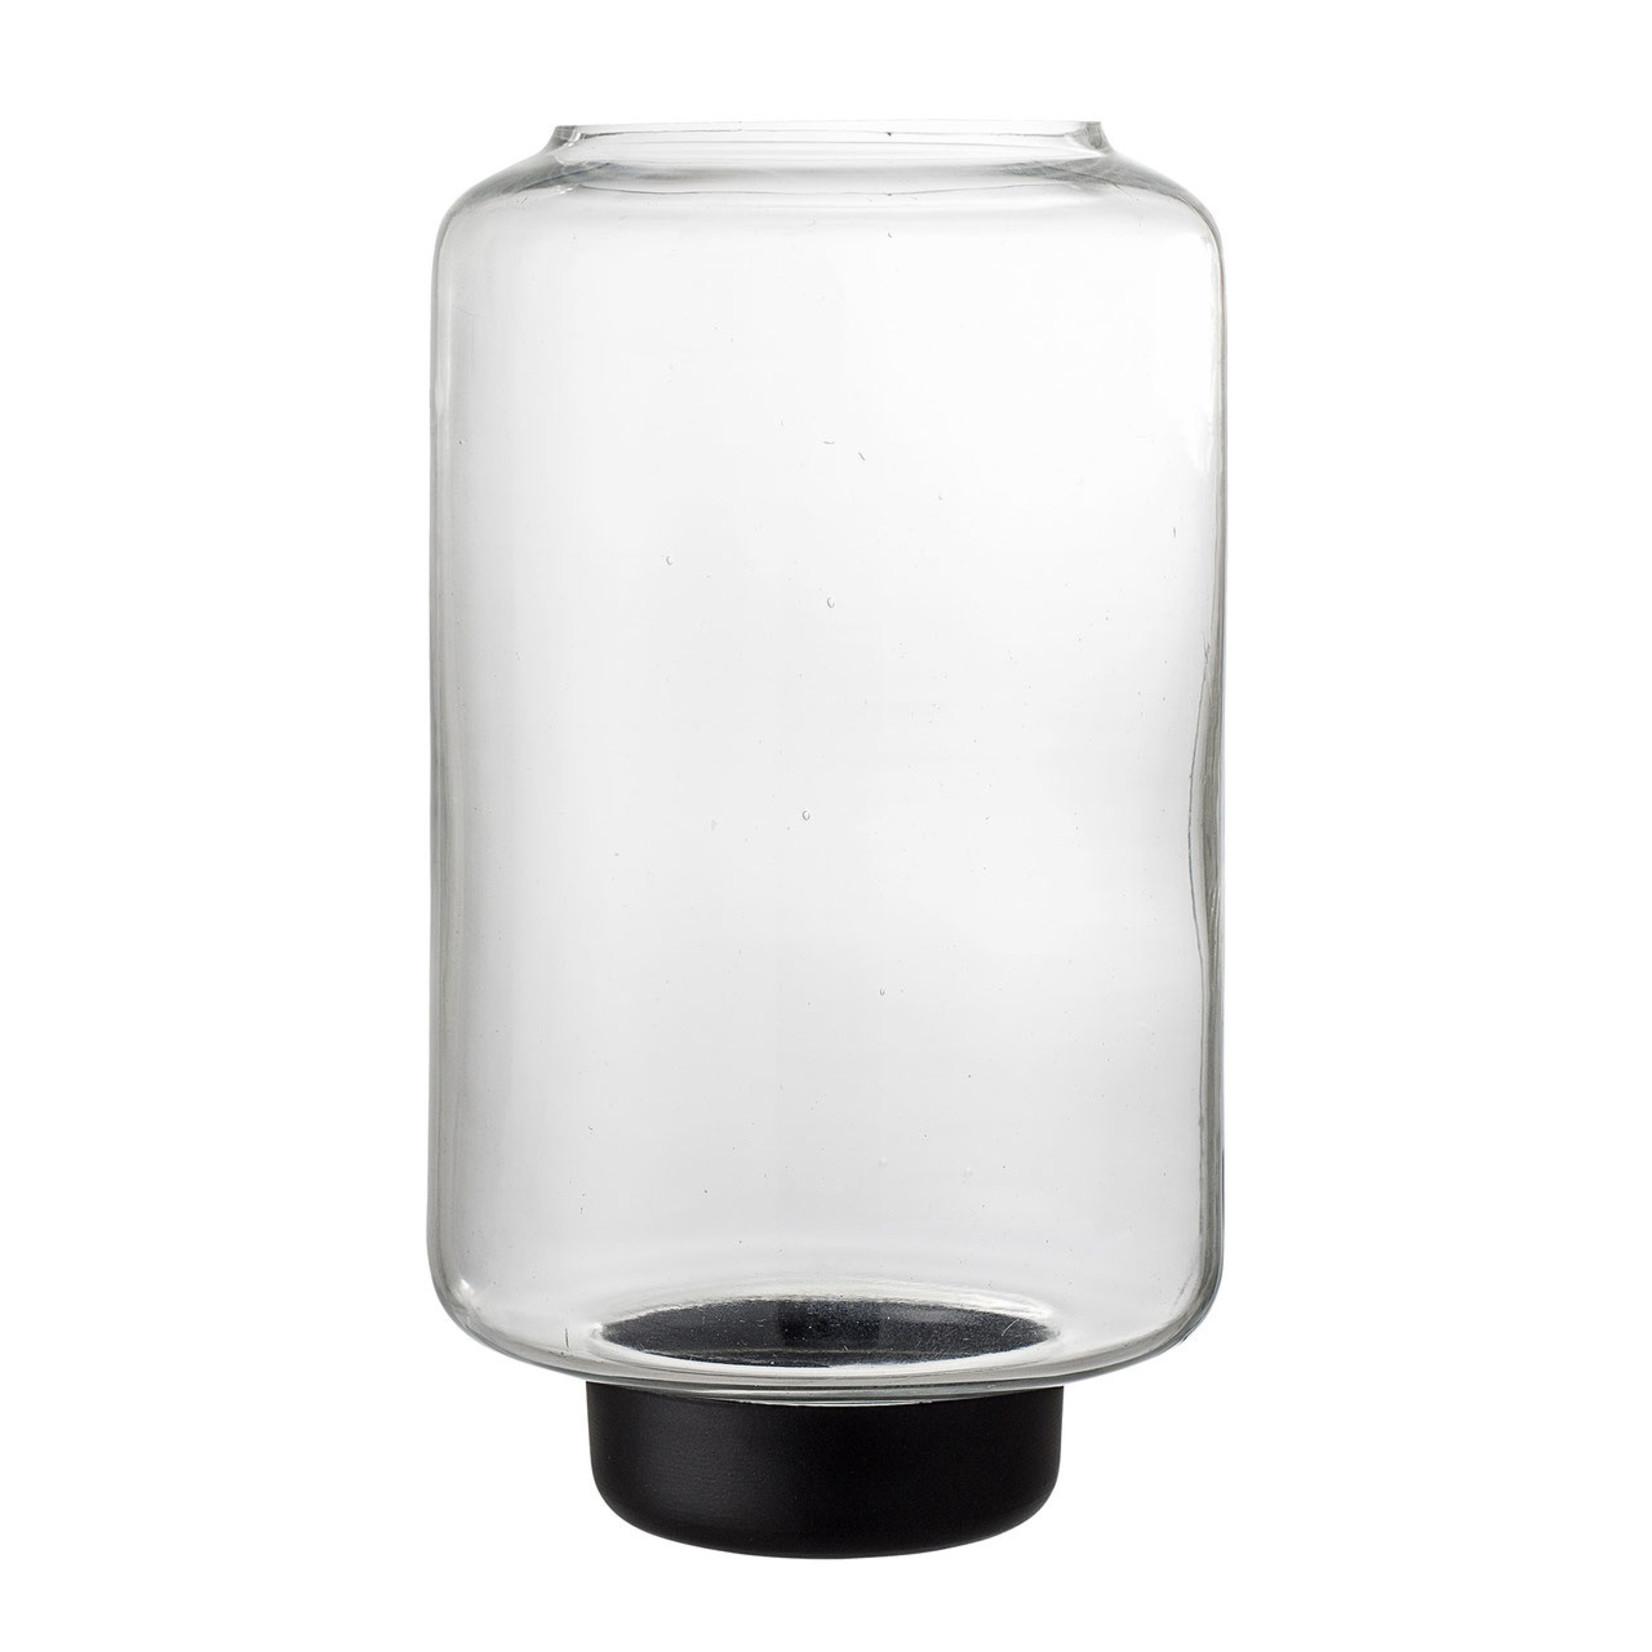 Bloomingville  Windlicht Glas mit schwarzem Fuß